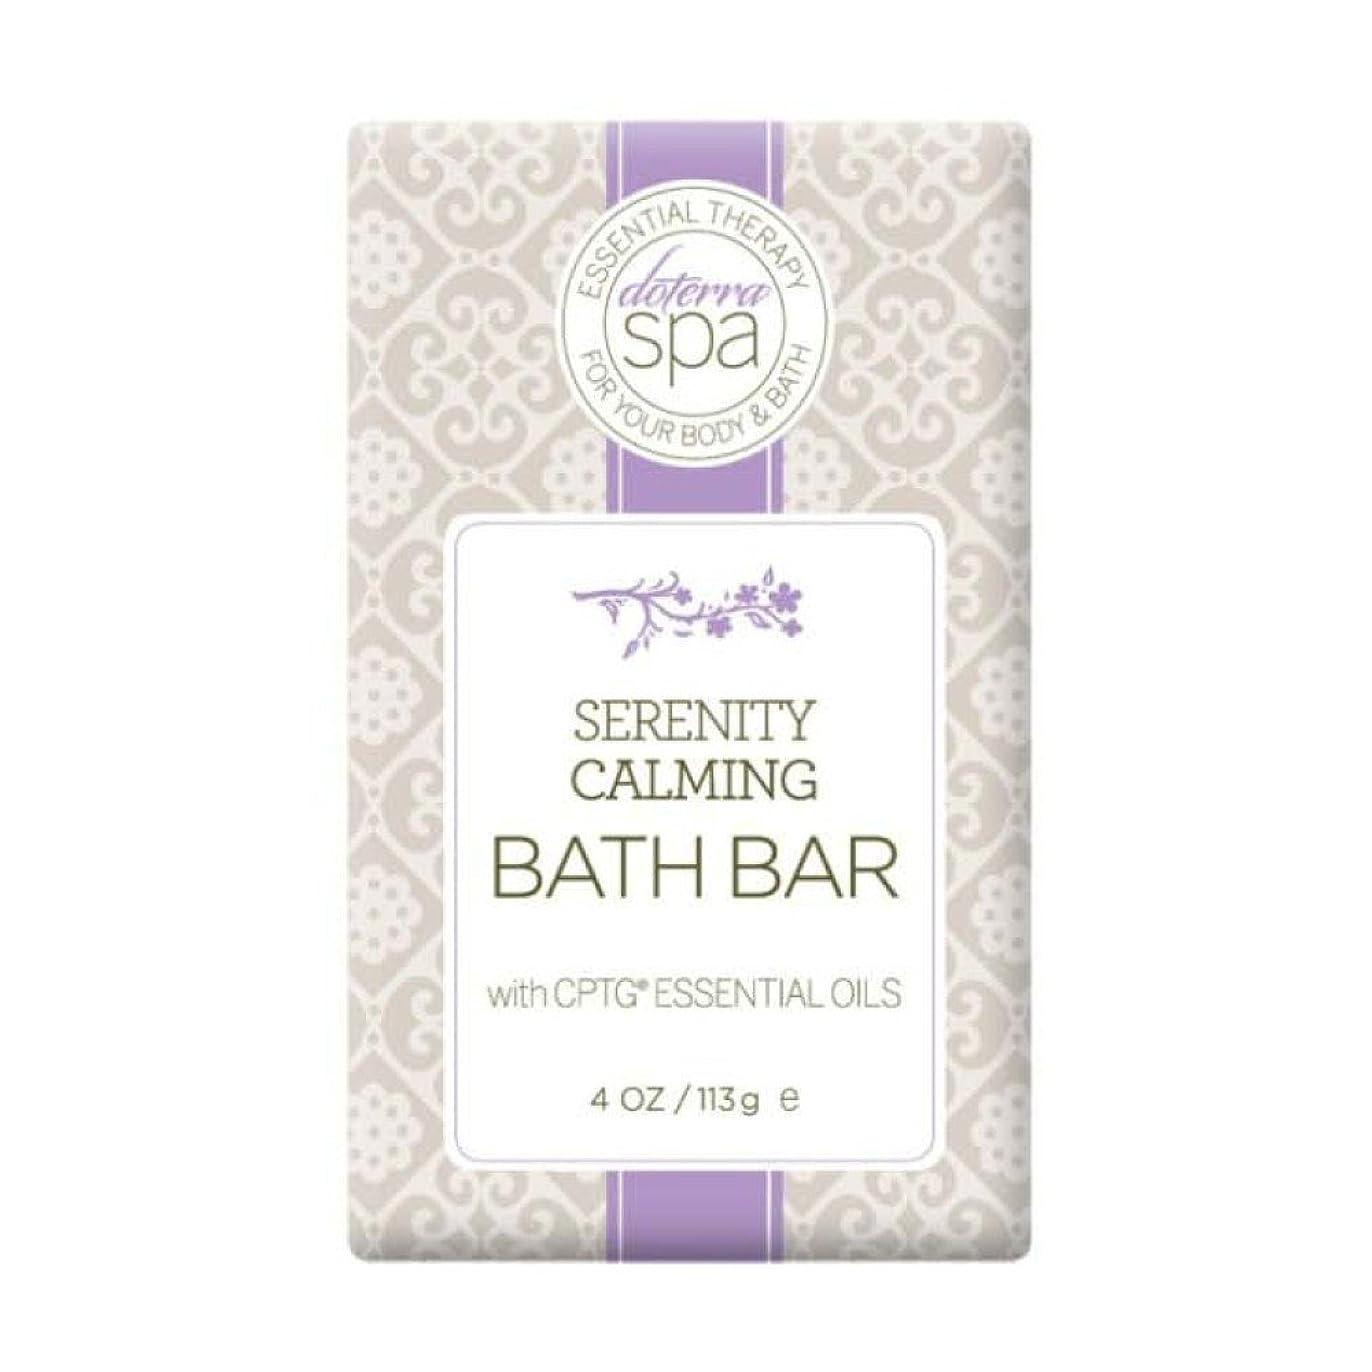 レーザ消去疎外doTERRA ドテラ スパ SPA Bath Bar  Serenity Calming バスバー(日本国内販売名:ウェーブリズム) 一等級精油 113g 100%CPTG [海外直送品]